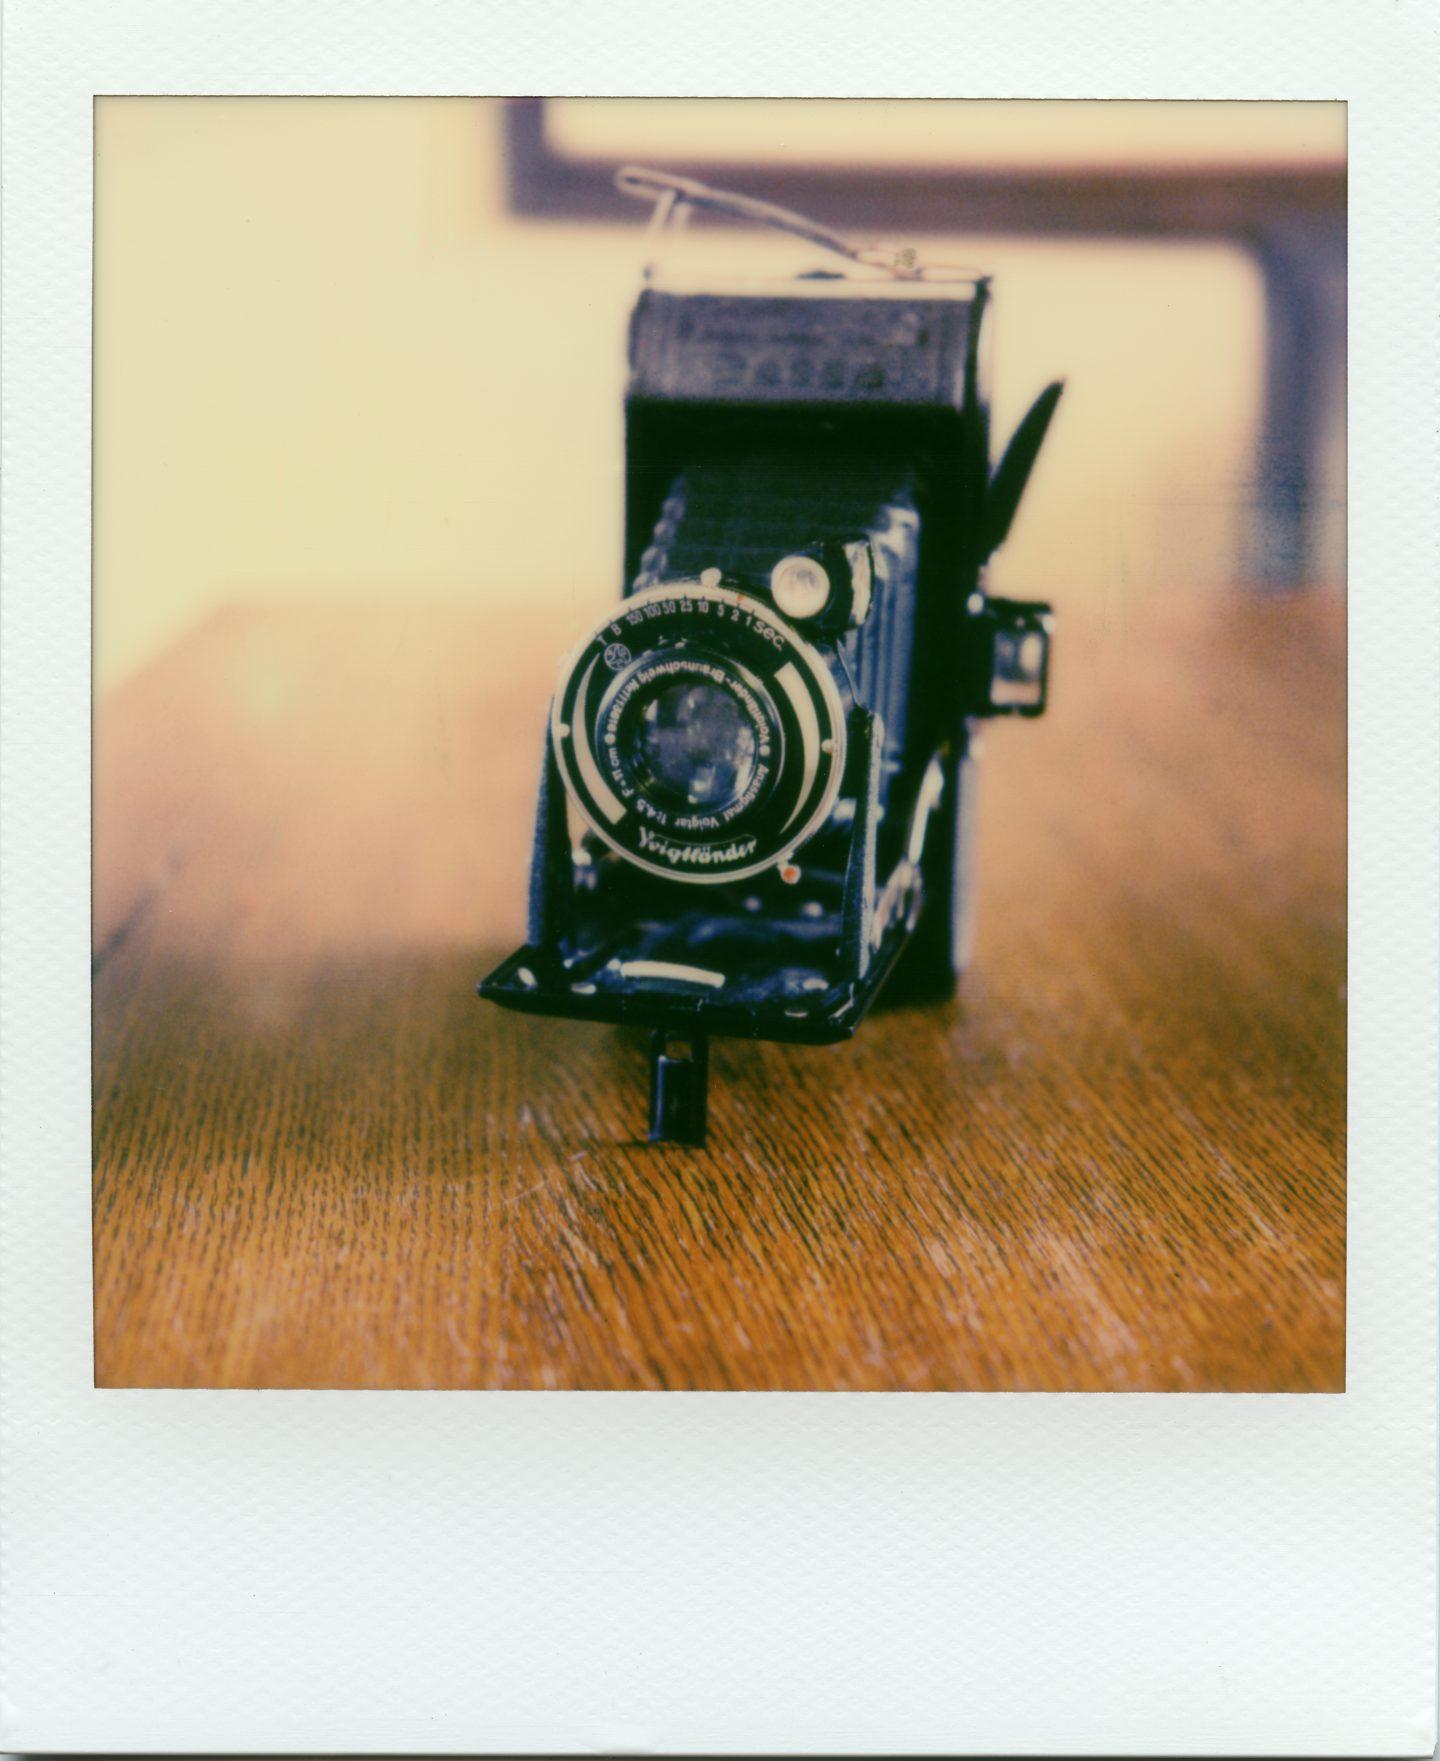 365-36 The Voigtlander Bessa 120 film Camera